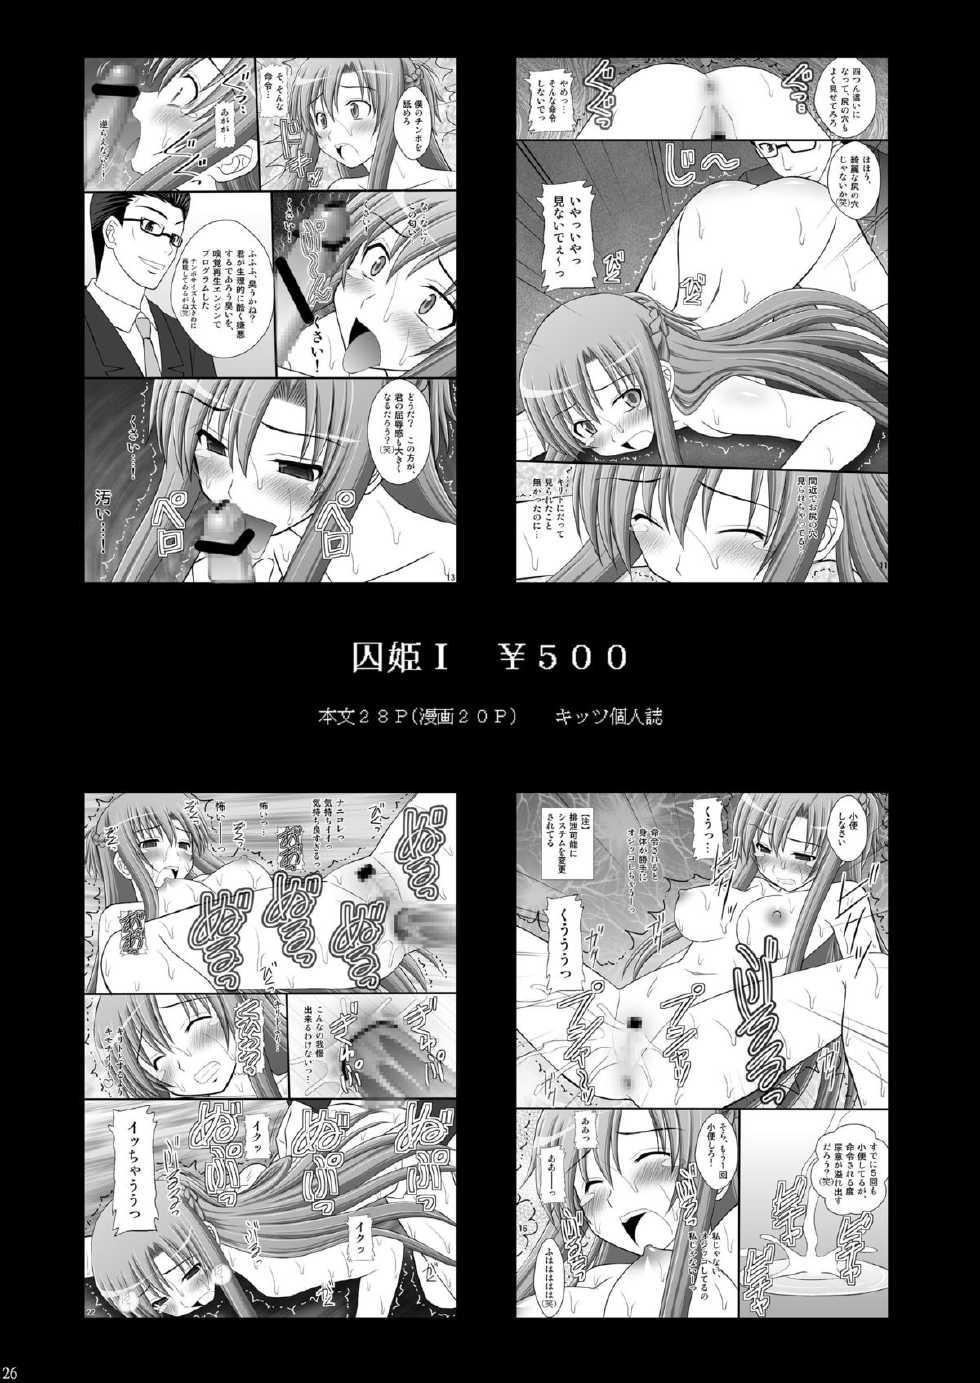 Seishinhoukai Surumade Kusugurimakutte Ryoujoku Shitemiru Test VI & VIII 26